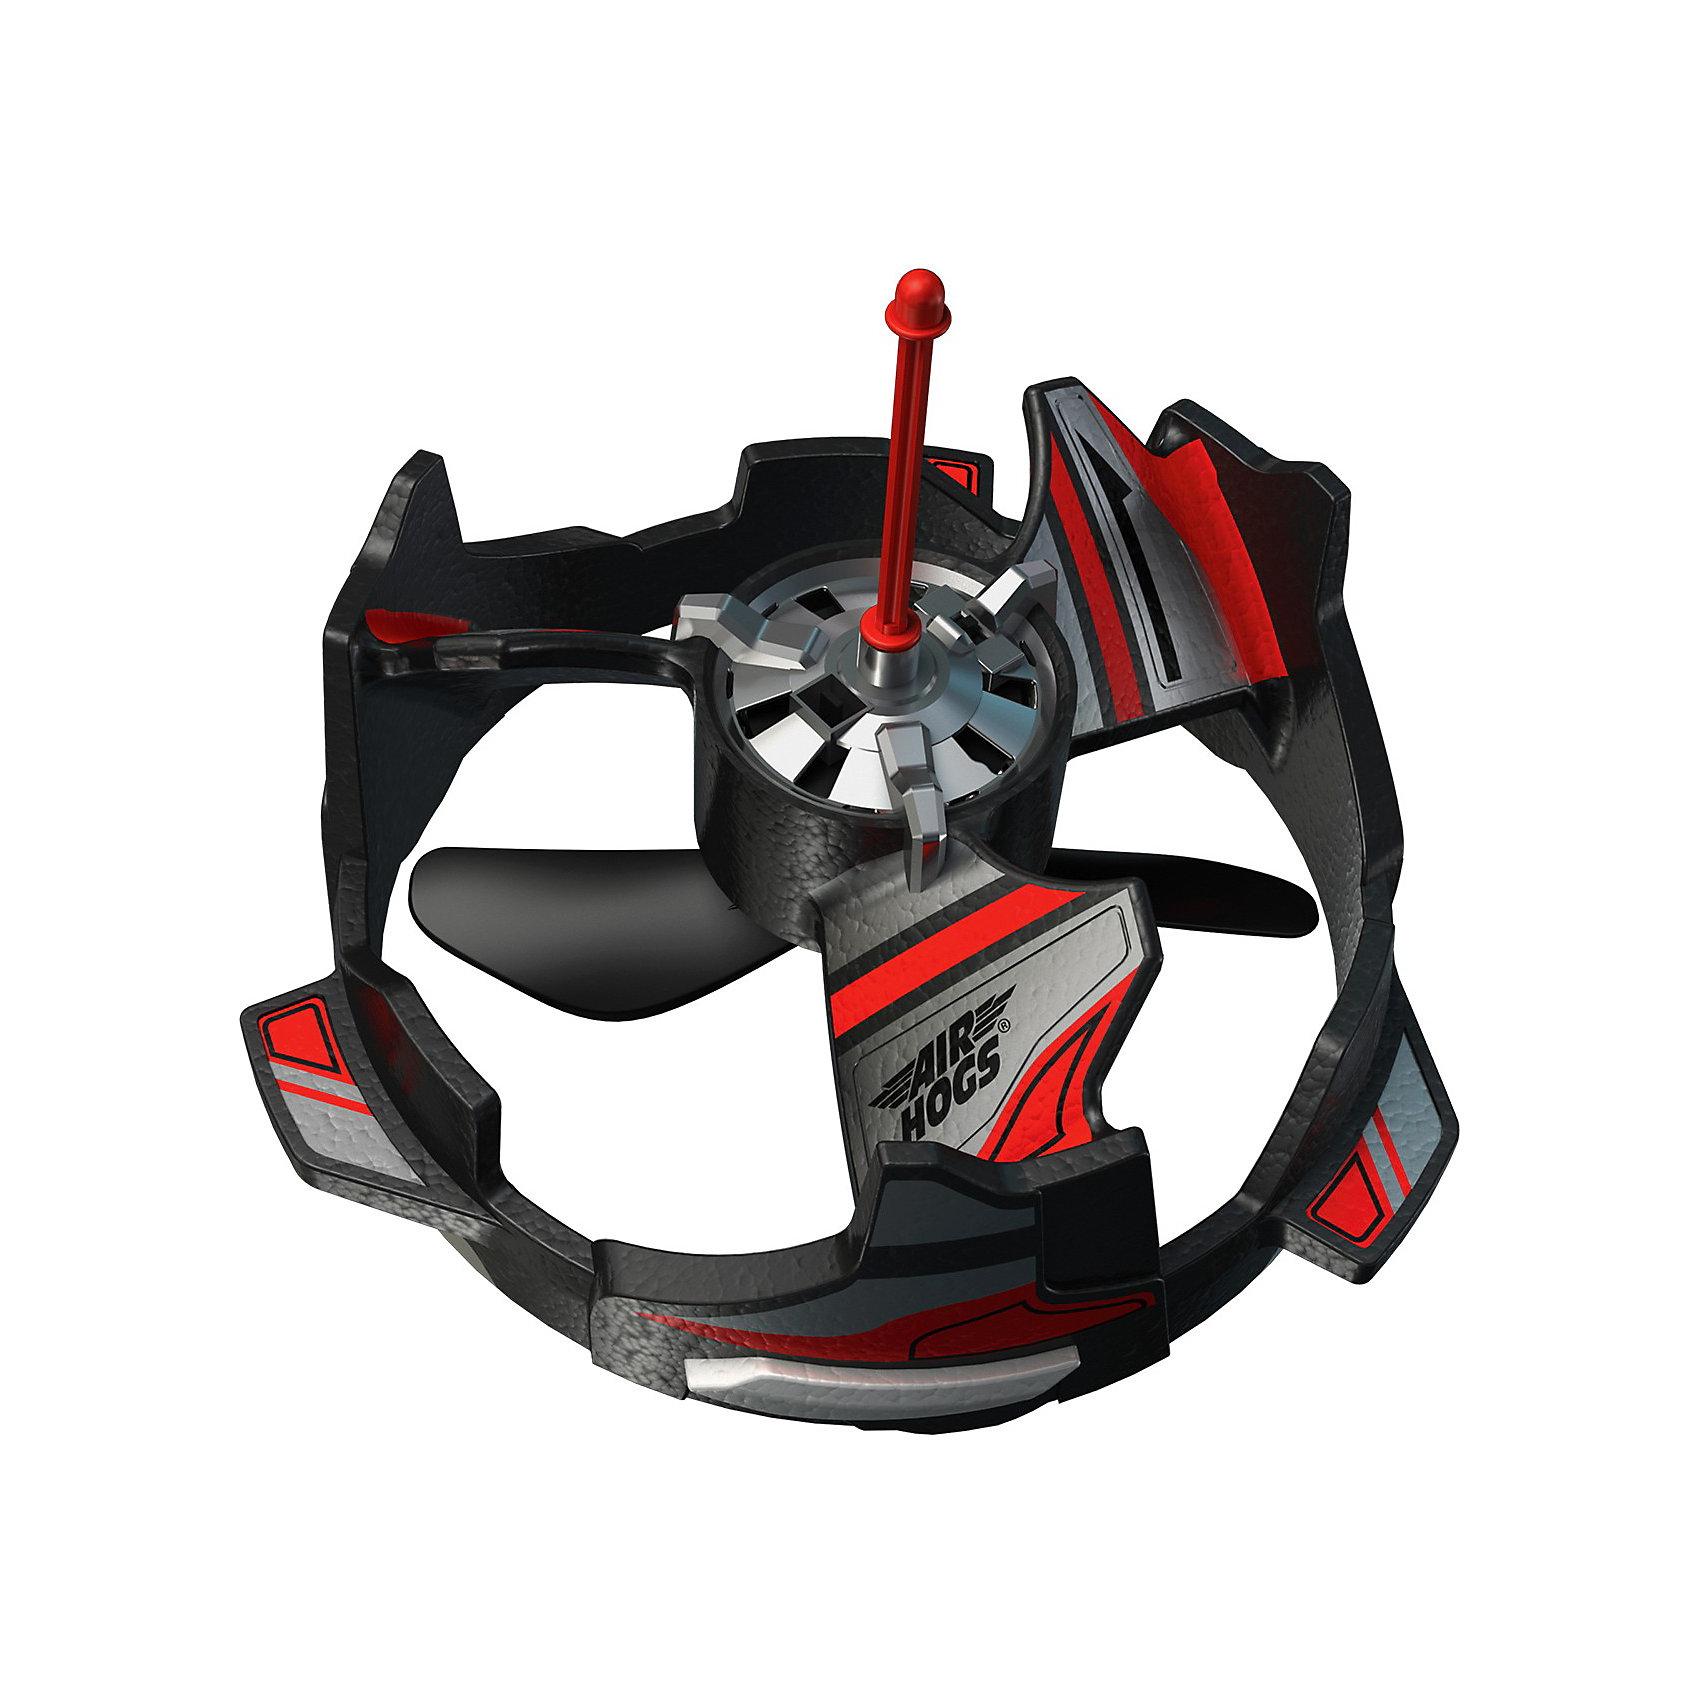 Летающая тарелка, новая версия,  AIR HOGSЛетающая тарелка с новым дизайном и улучшенным полетом. Тарелка самостоятельно летает на определенном расстоянии от поверхности. Игрушка снабжена сенсором, который контролирует расстояние и не позволяет ей упасть. Высоту полёта можно контролировать руками, ладошками, ногами и даже головой. Не радиоуправлении. Игрушка безопасна для использования: пропеллер можно остановить рукой. Ударопрочный лёгкий корпус Тарелки не позволяет игрушке разбиться или нанести вред окружающим. Батарейки в комплект не входят (6шт). Время зарядки 20-30 минут, время игры примерно 5 минут.<br><br>Ширина мм: 258<br>Глубина мм: 236<br>Высота мм: 91<br>Вес г: 324<br>Возраст от месяцев: 96<br>Возраст до месяцев: 156<br>Пол: Мужской<br>Возраст: Детский<br>SKU: 3629364